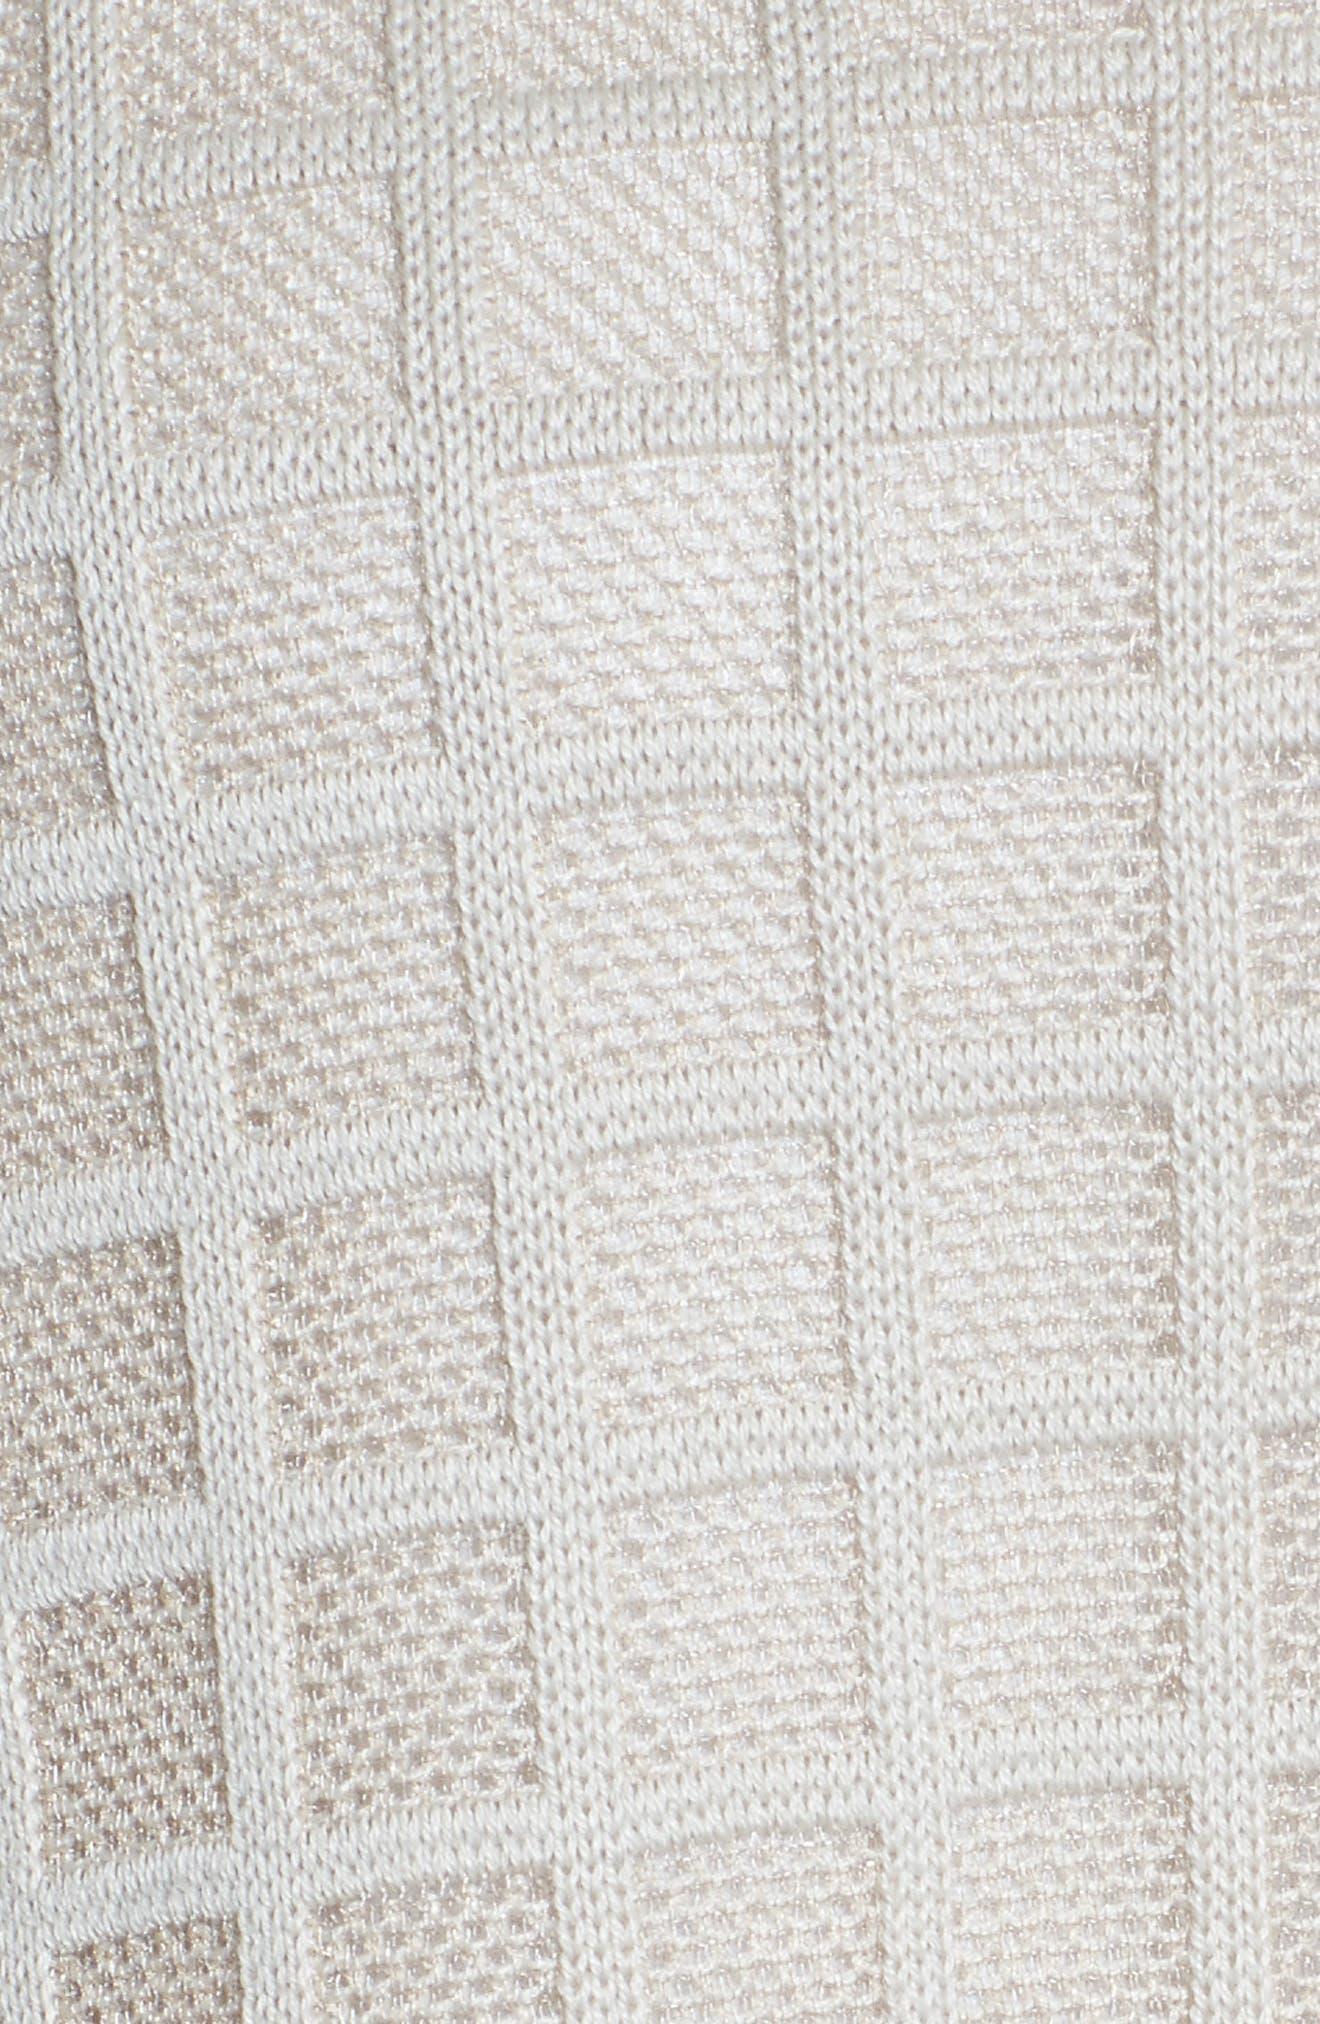 V-Neck Windowpane Sweater,                             Alternate thumbnail 5, color,                             252